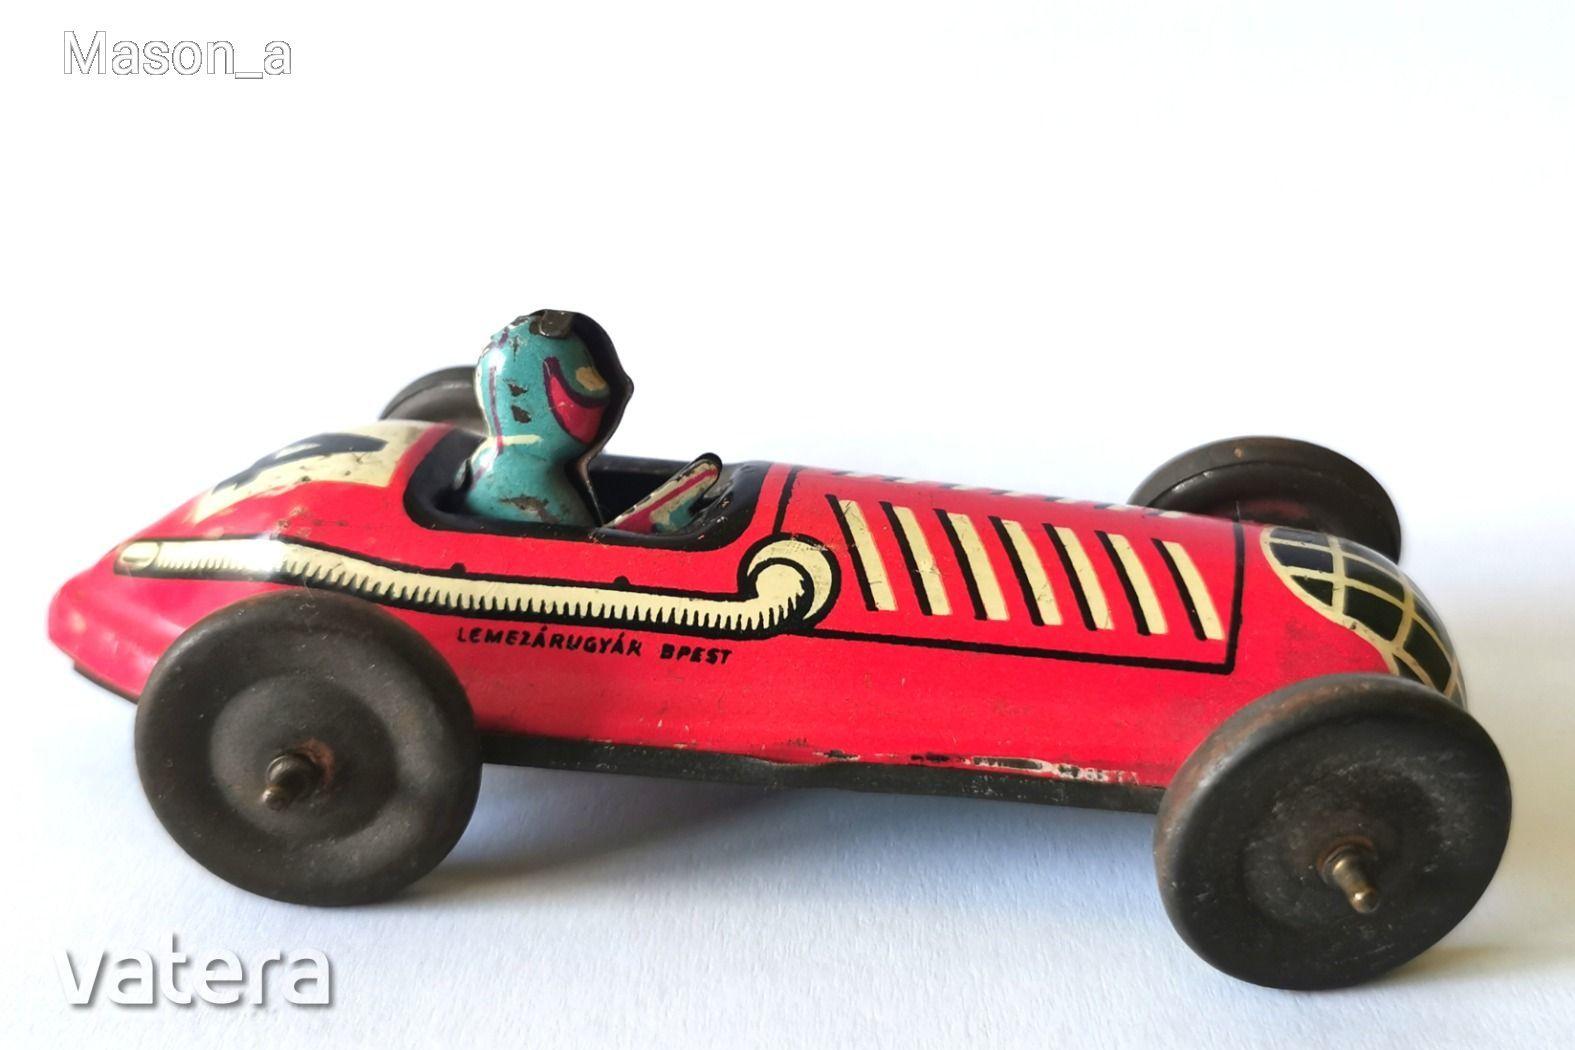 lemezarugyari-elso-szerias-versenyauto-nagyon-szep-allapotban-lemezarugyar-auto-e51b_2_big.jpg